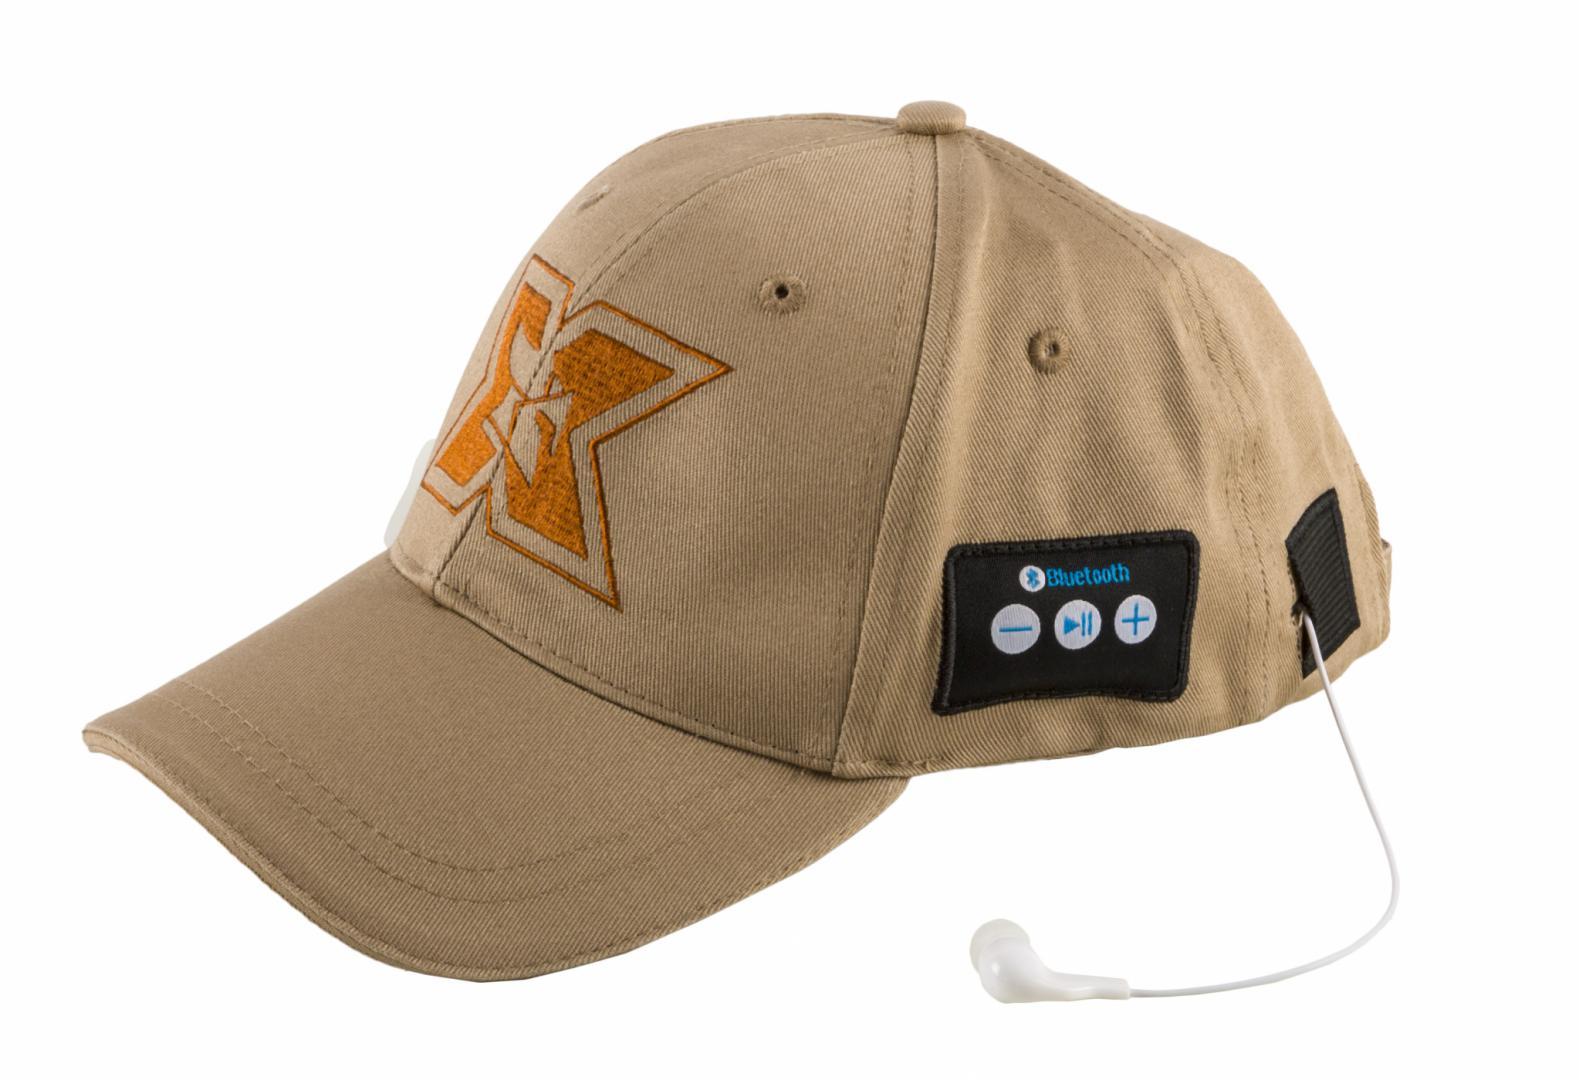 Sapca sport cu casti handsfree Bluetooth Serioux, butoane de co